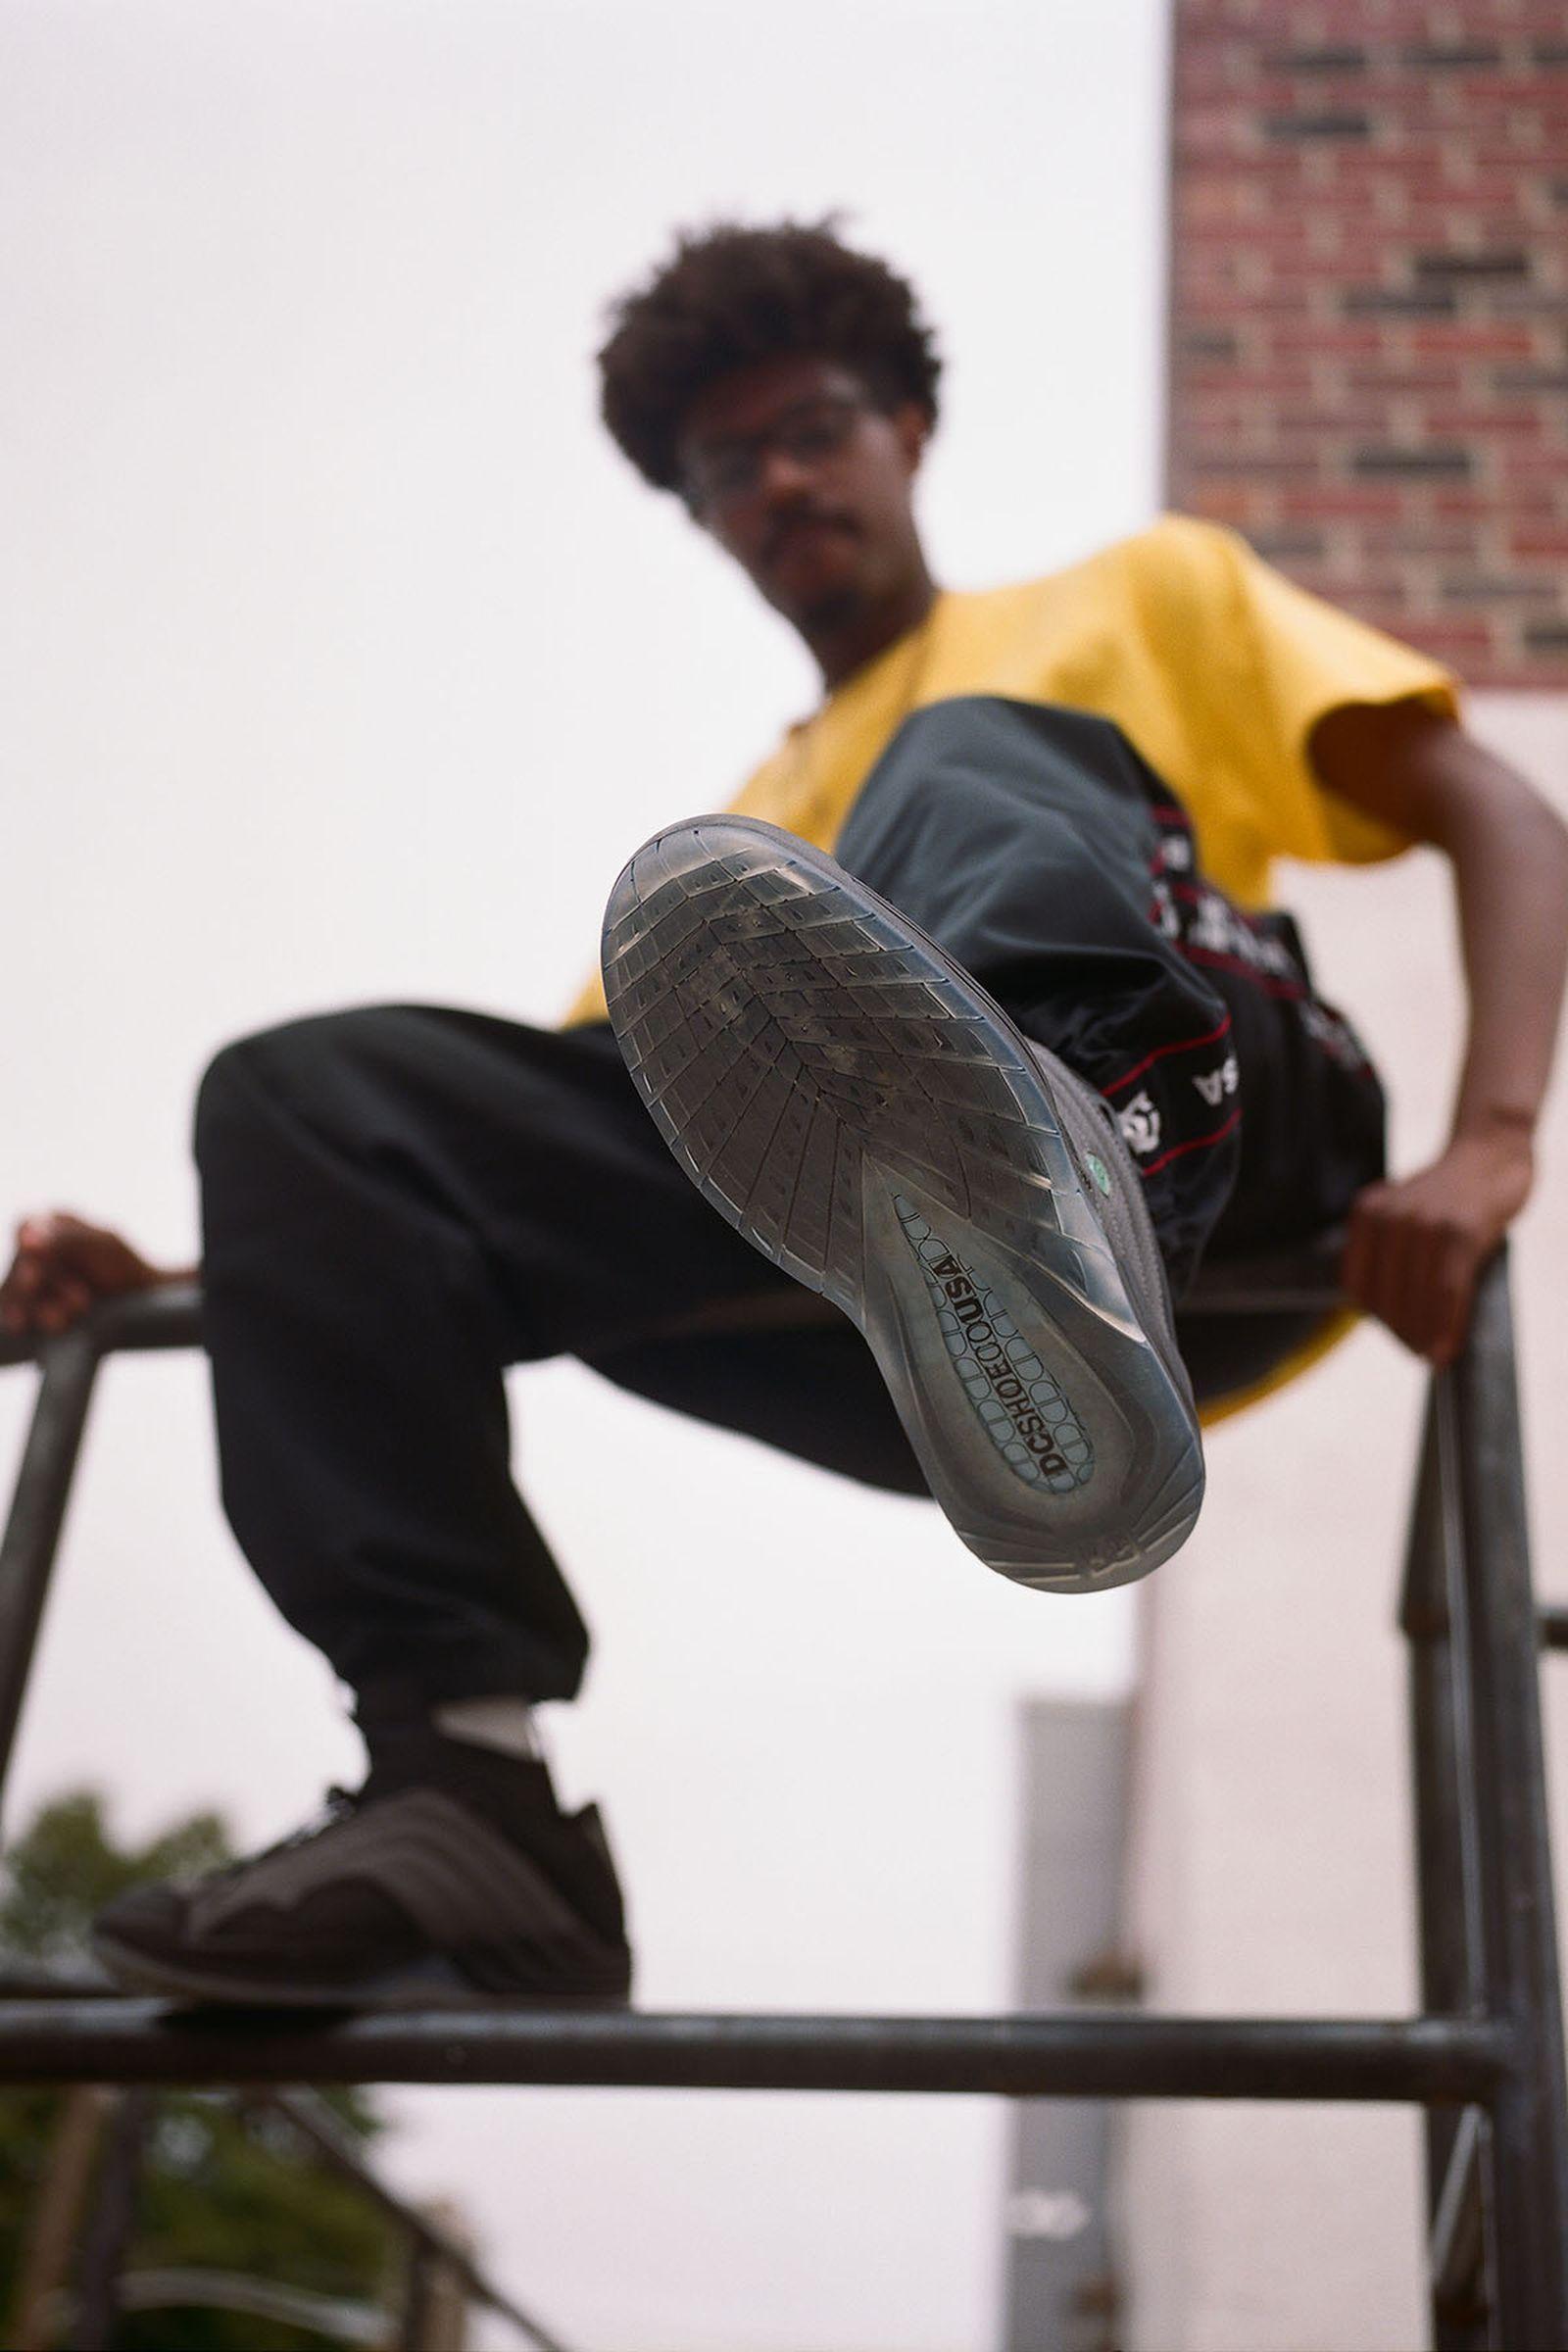 dc-shoes-rokit-06